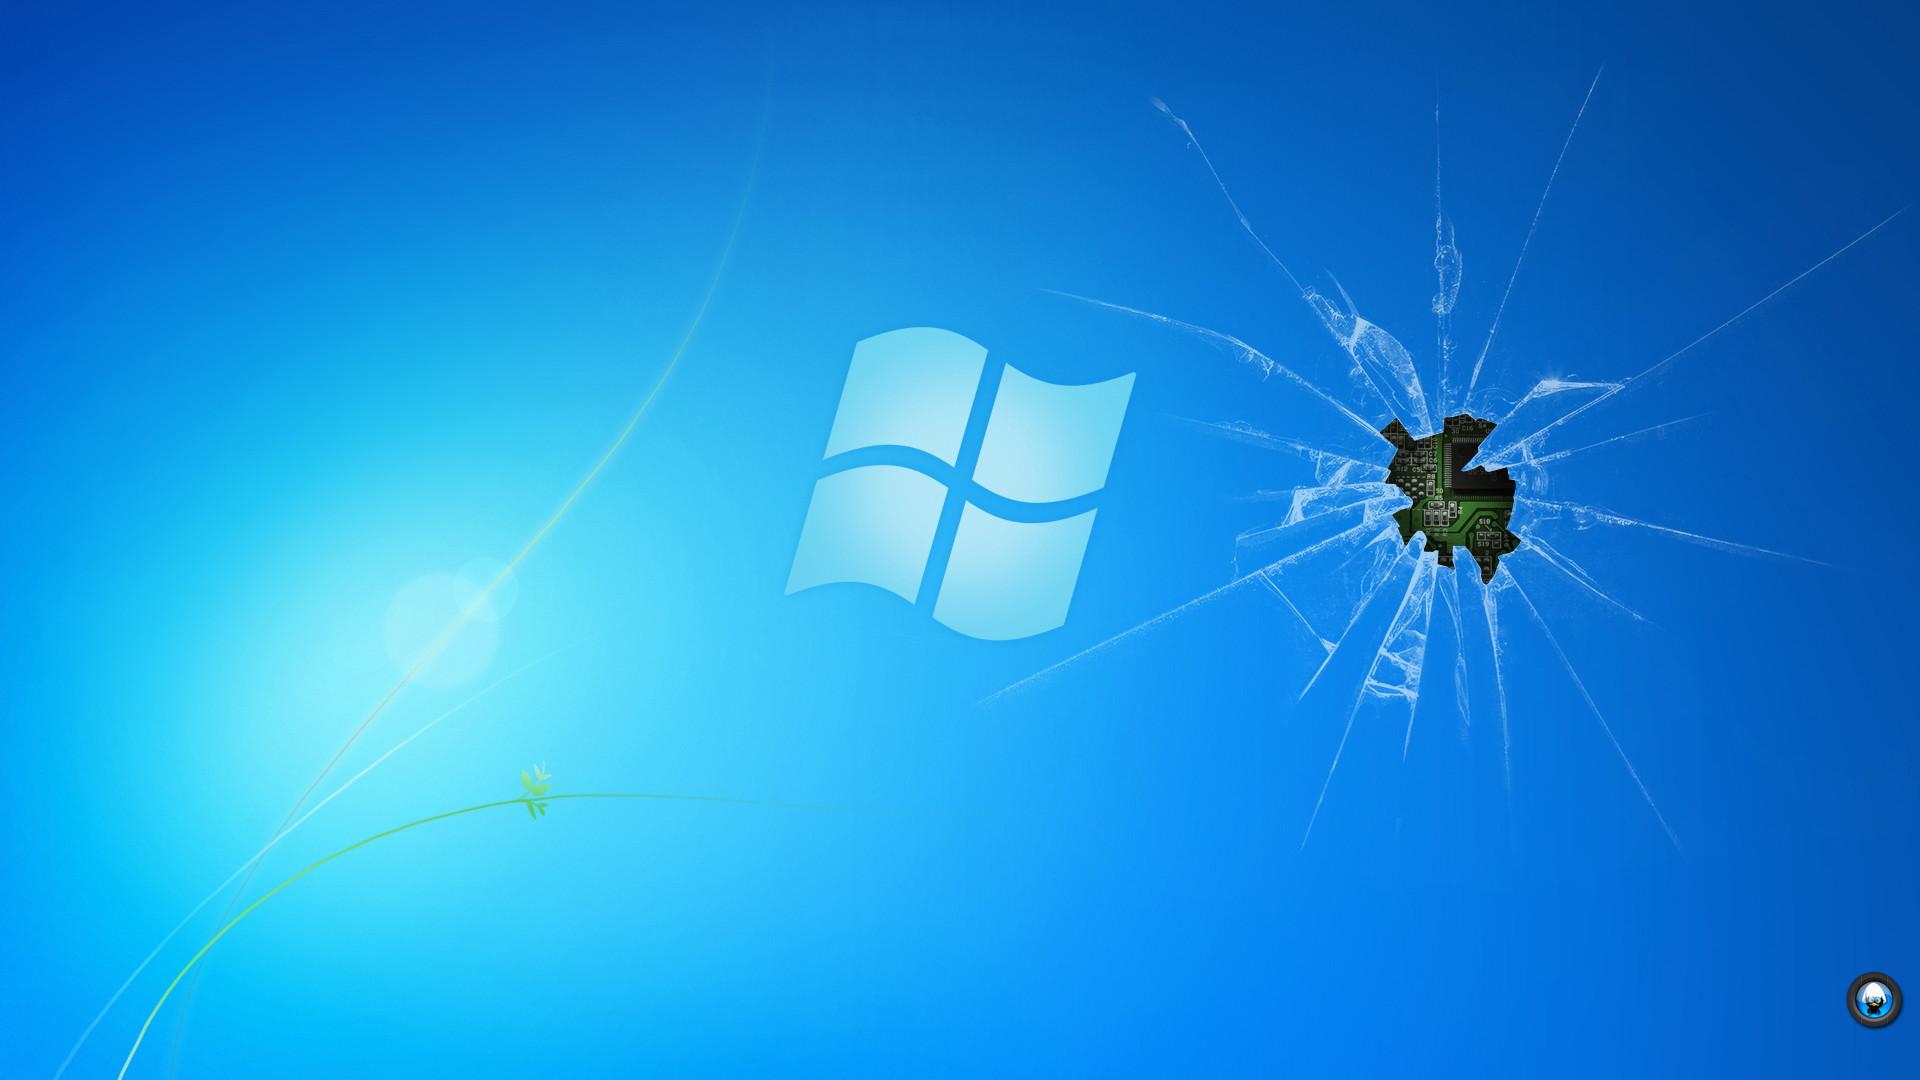 Broken Lcd Screen Wallpaper 62 images 1920x1080